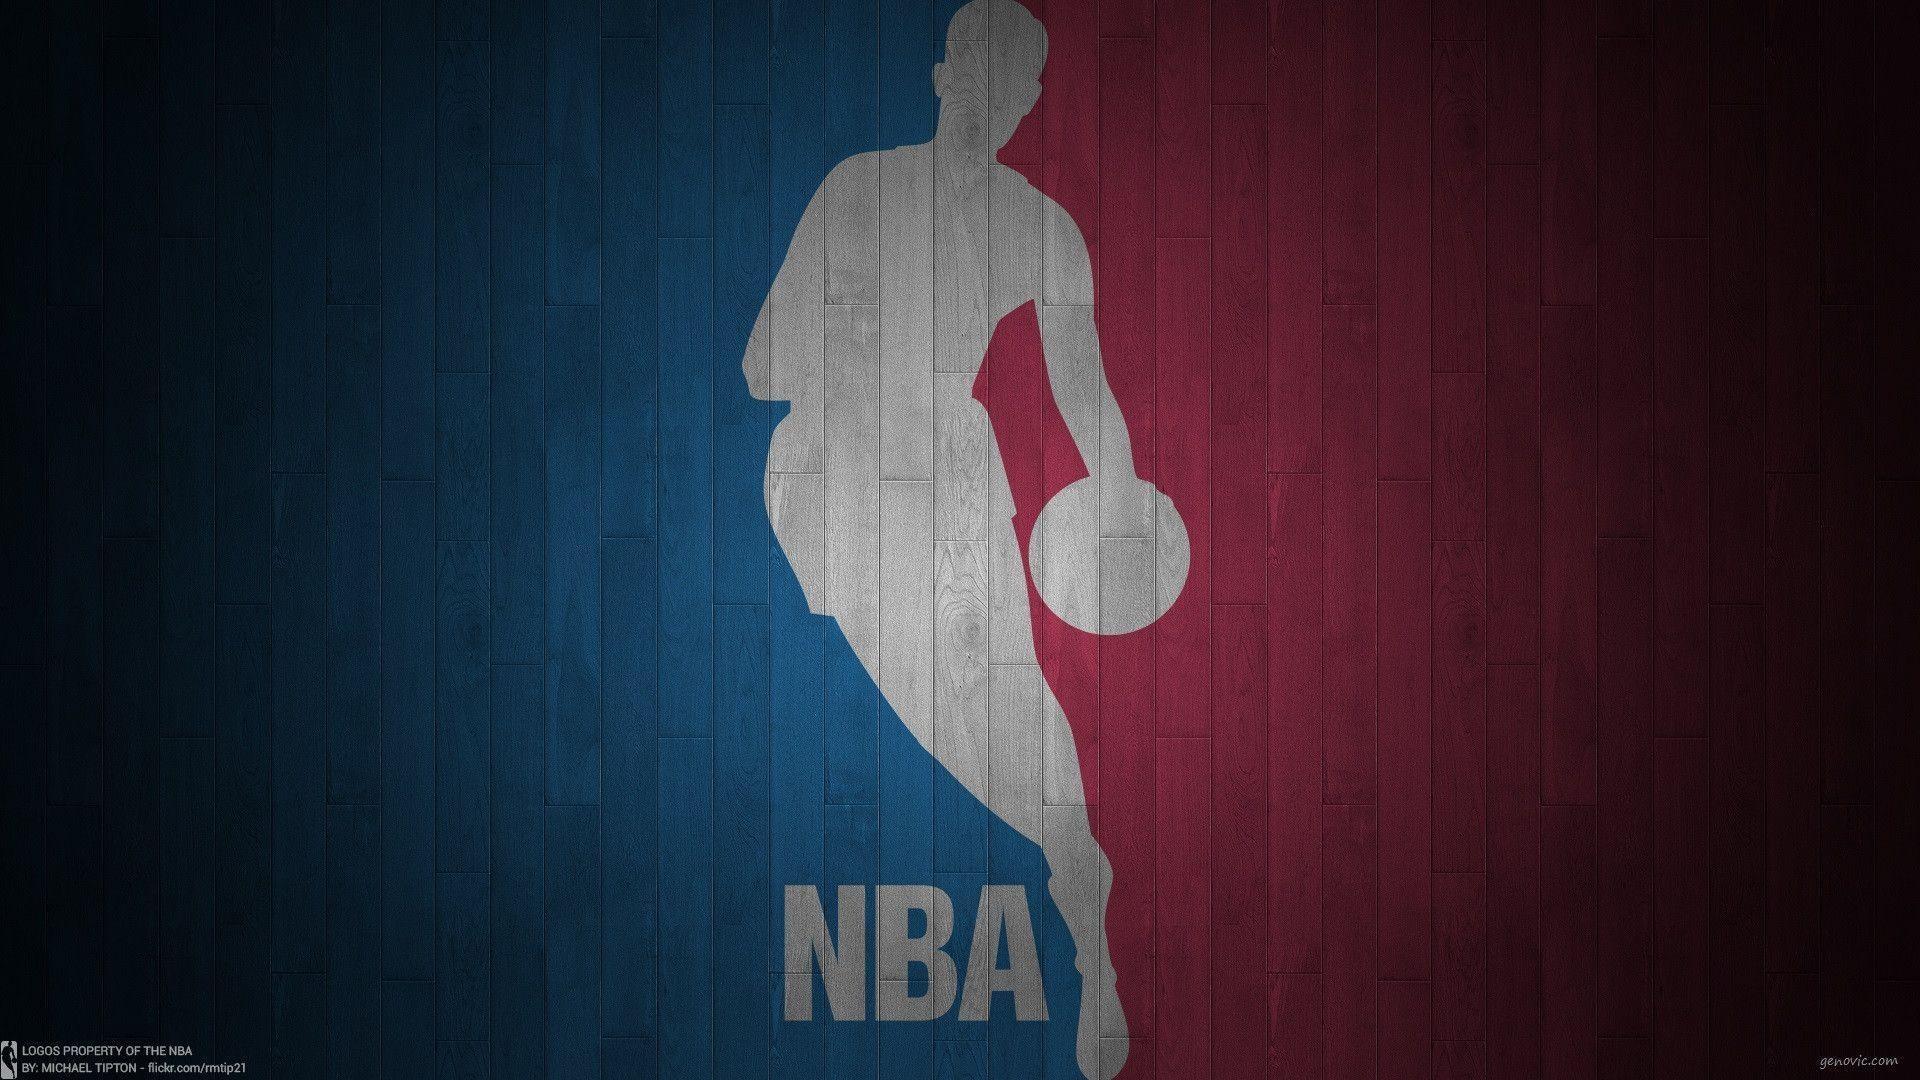 1920x1080 NBA Logo Wallpaper HD